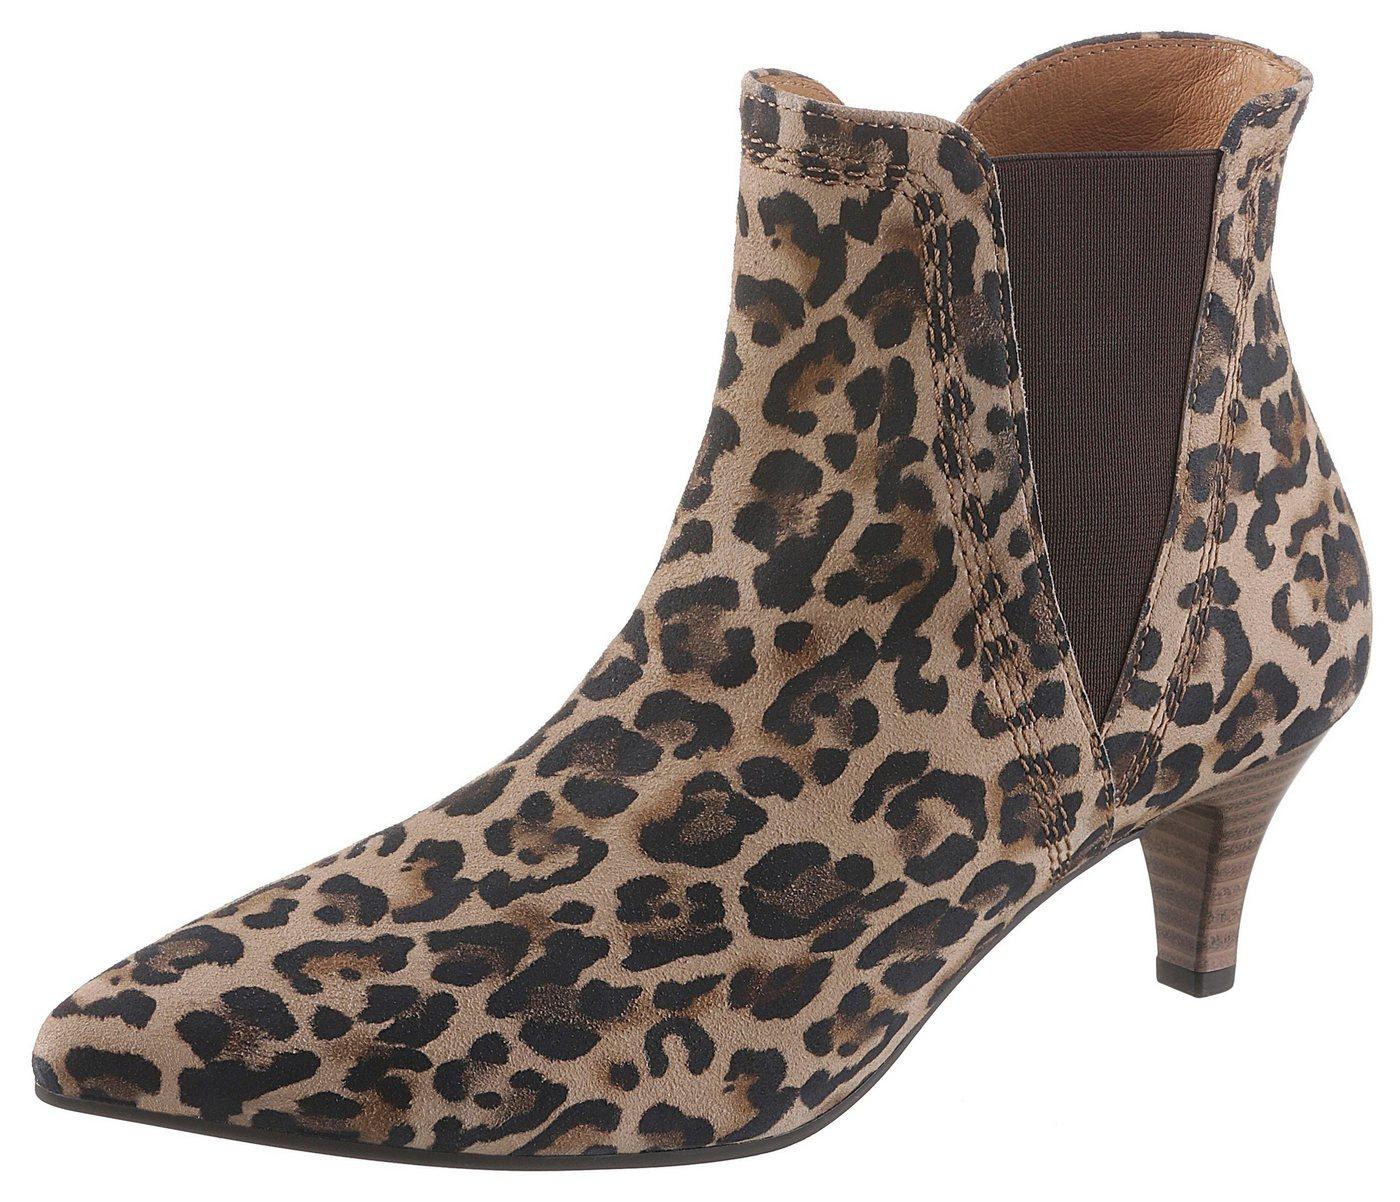 gabor -  Ankleboots im angesagten Animal Look